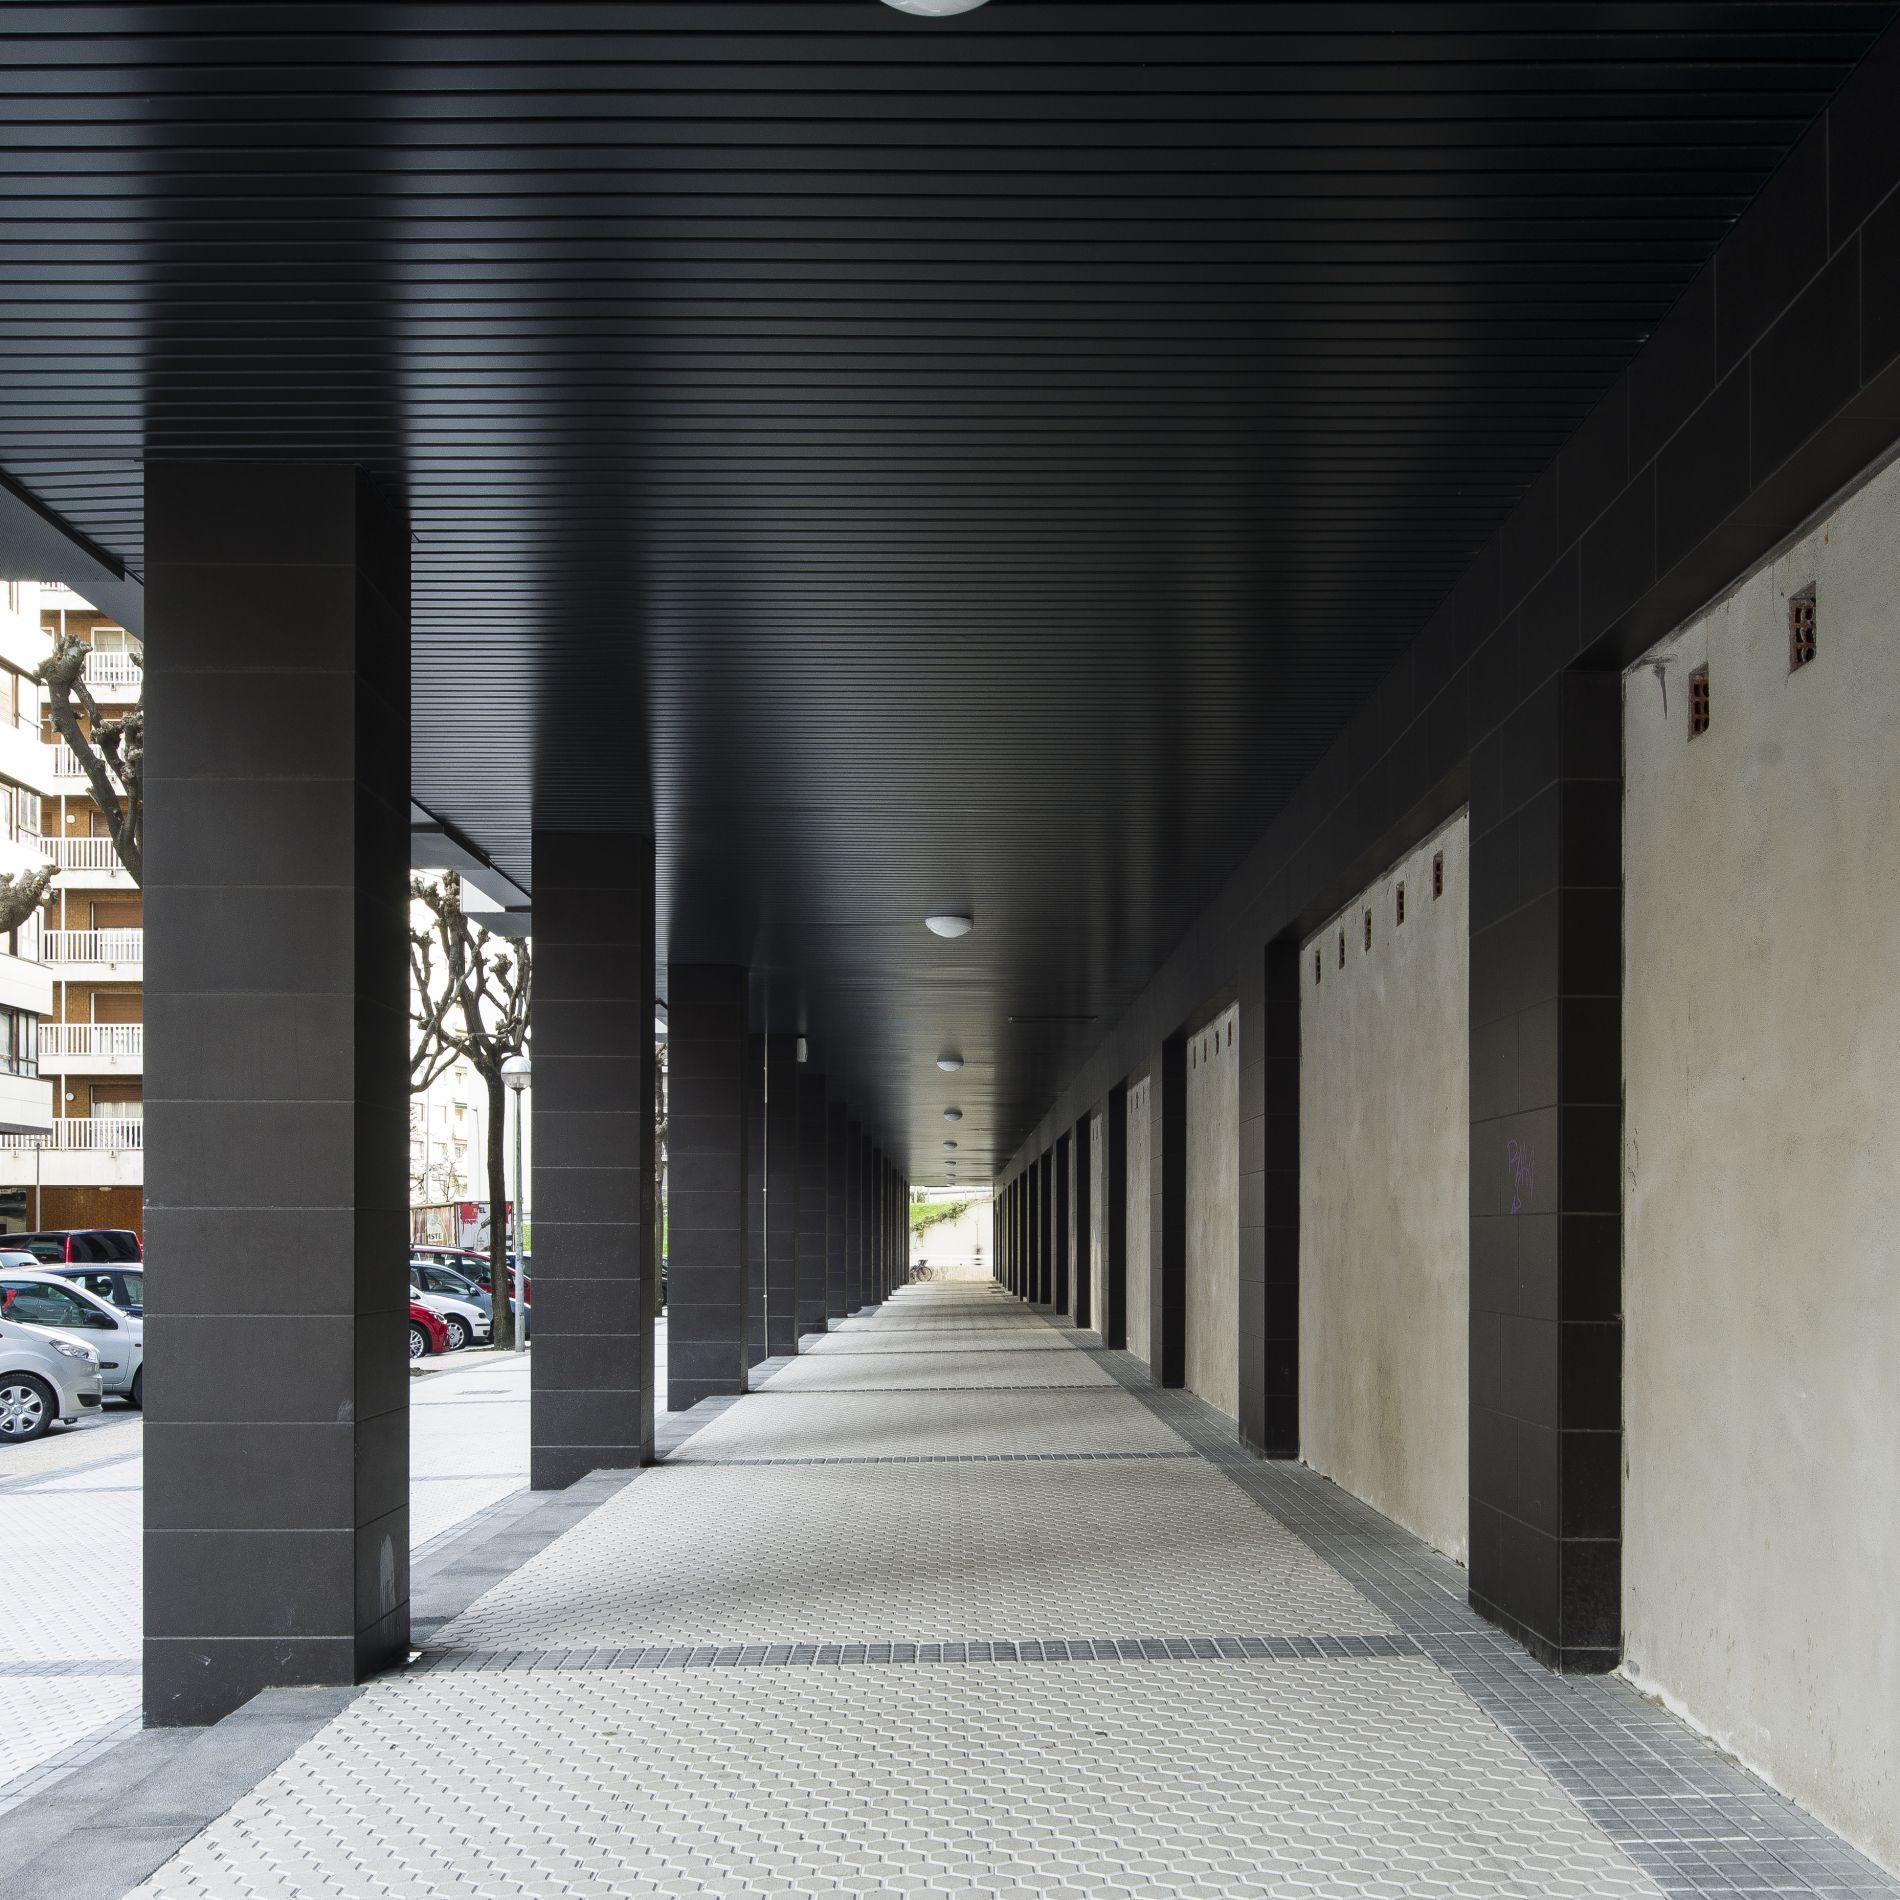 Fiark - 80 viviendas calle podavines 14